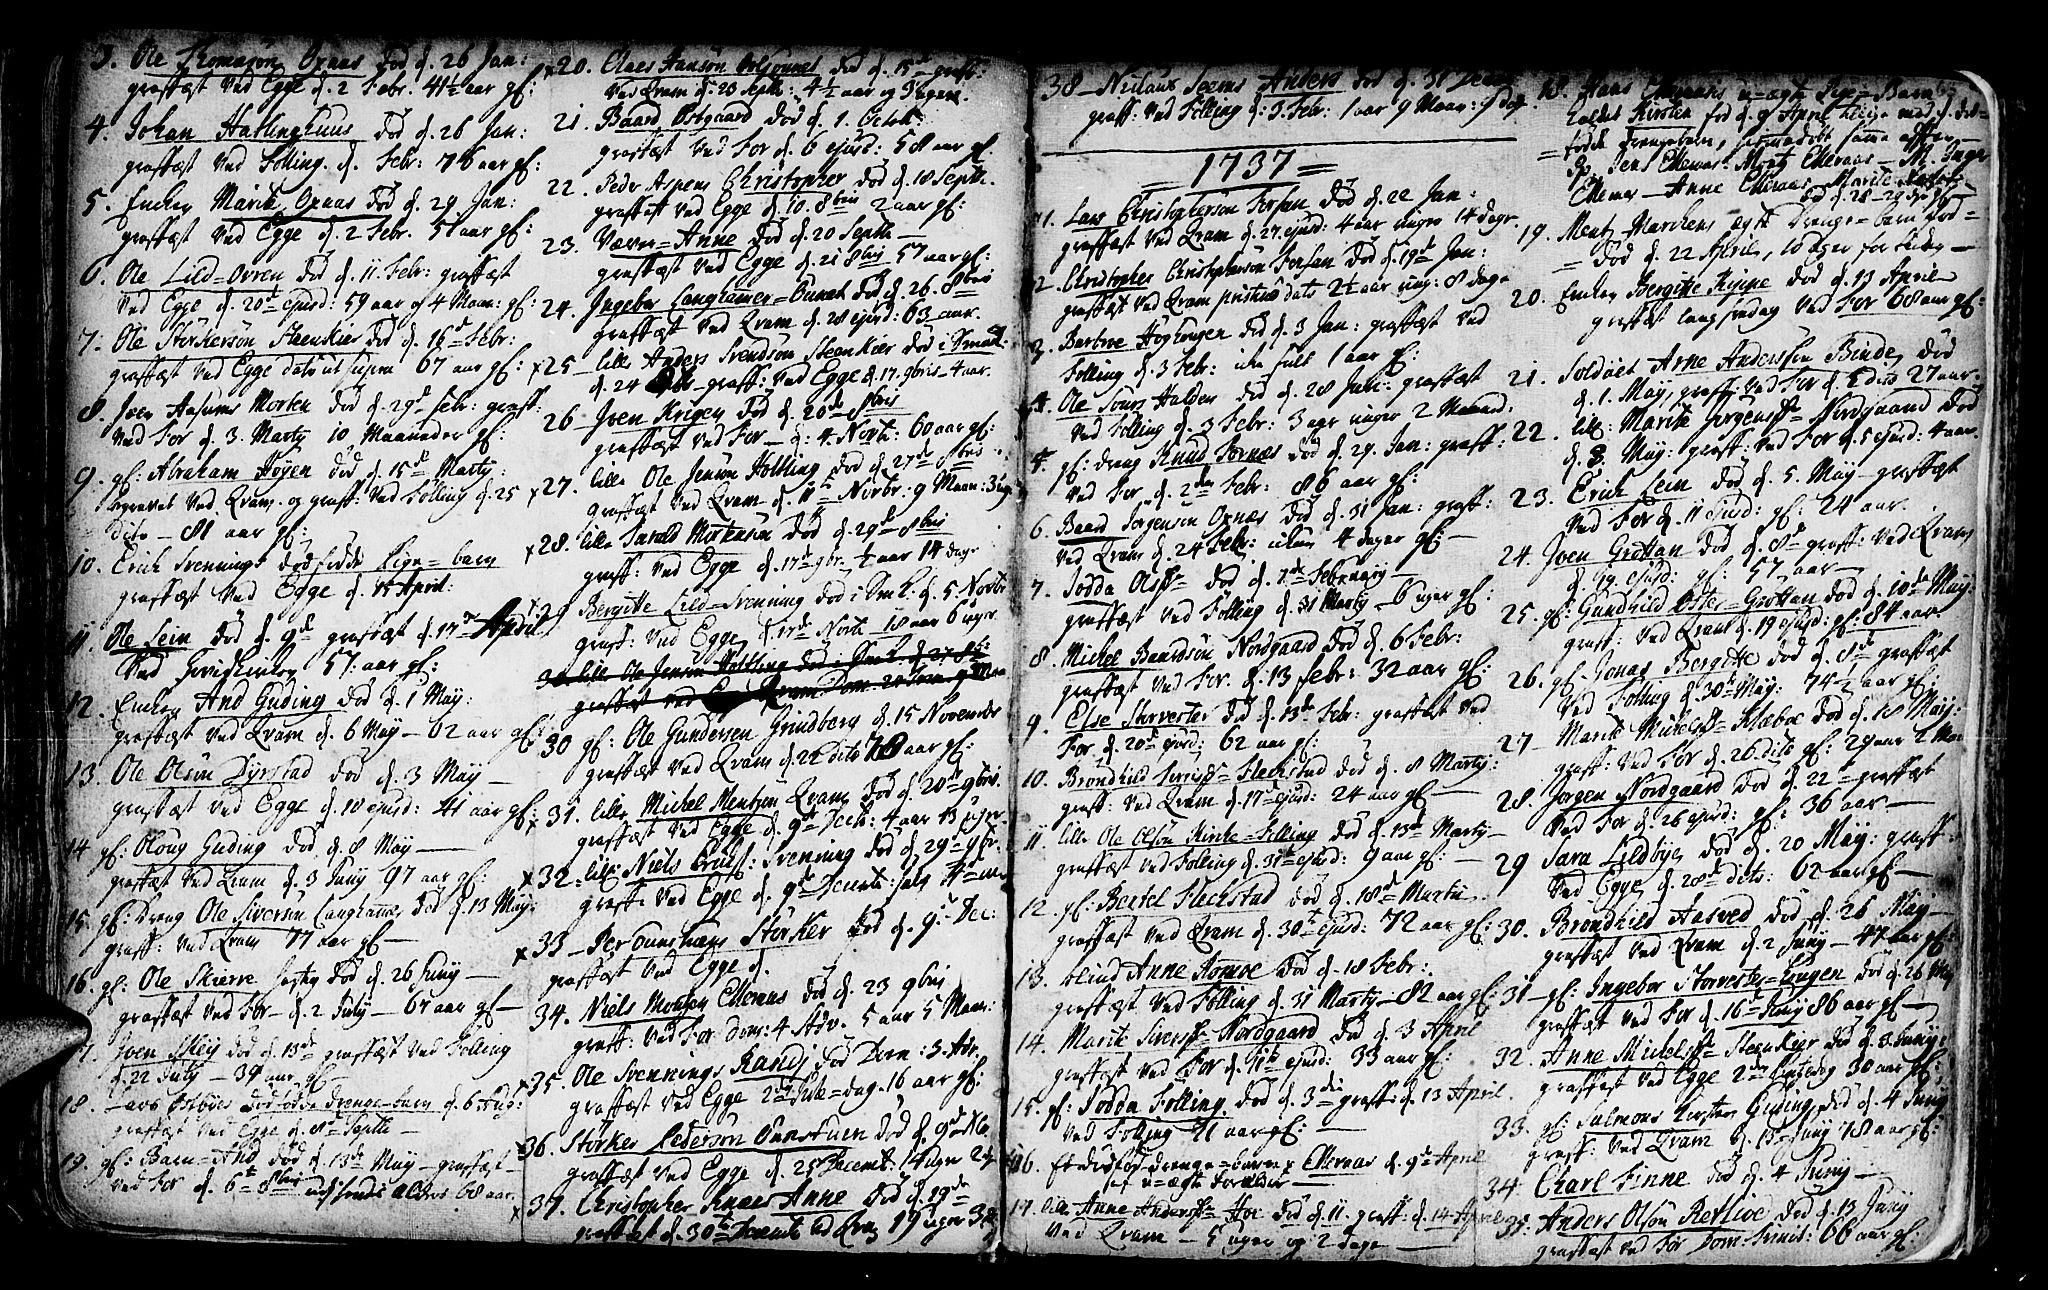 SAT, Ministerialprotokoller, klokkerbøker og fødselsregistre - Nord-Trøndelag, 746/L0439: Ministerialbok nr. 746A01, 1688-1759, s. 63